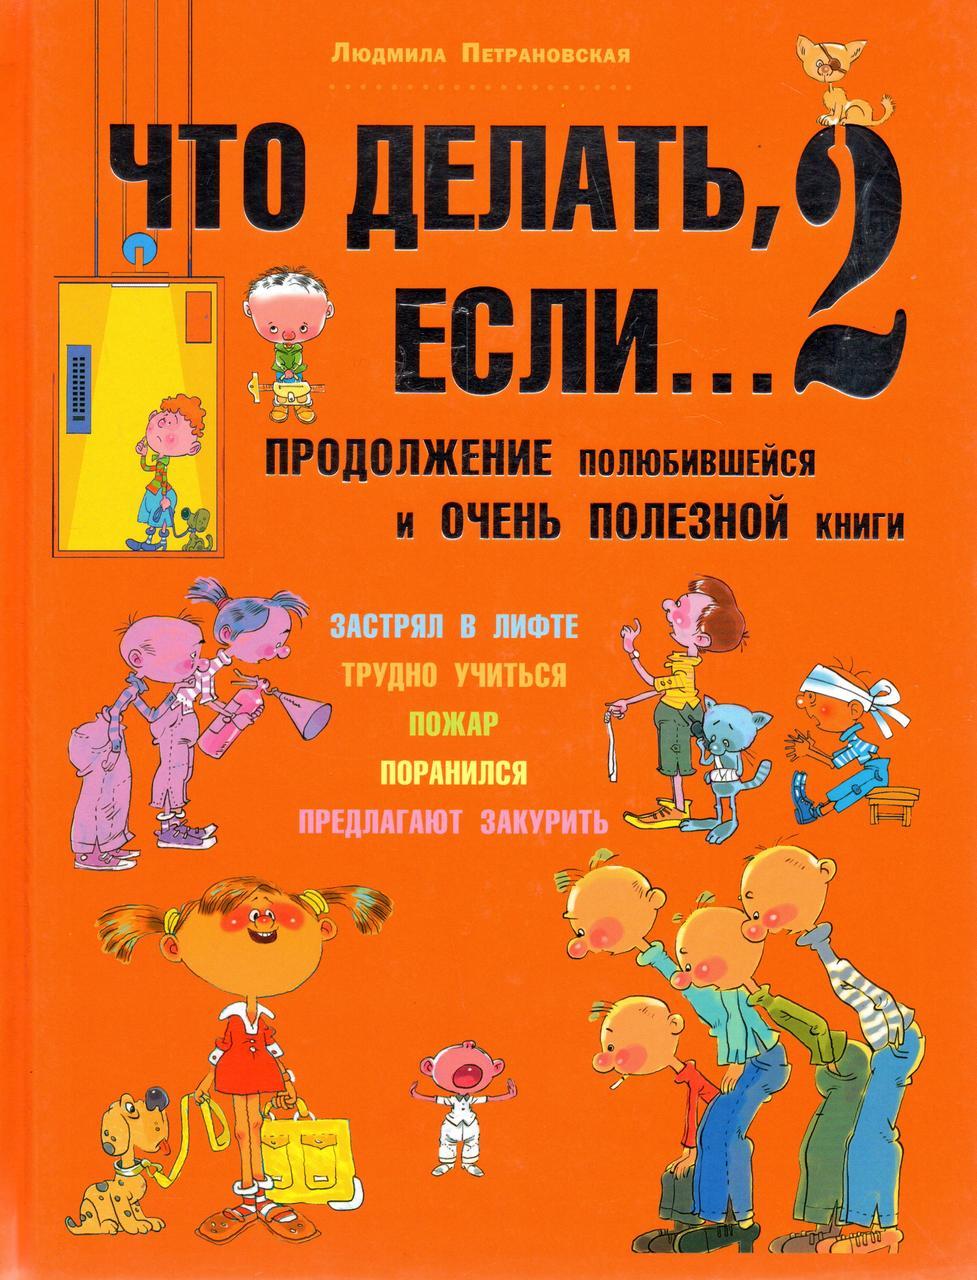 Что делать, если...-2  Людмила Петрановская